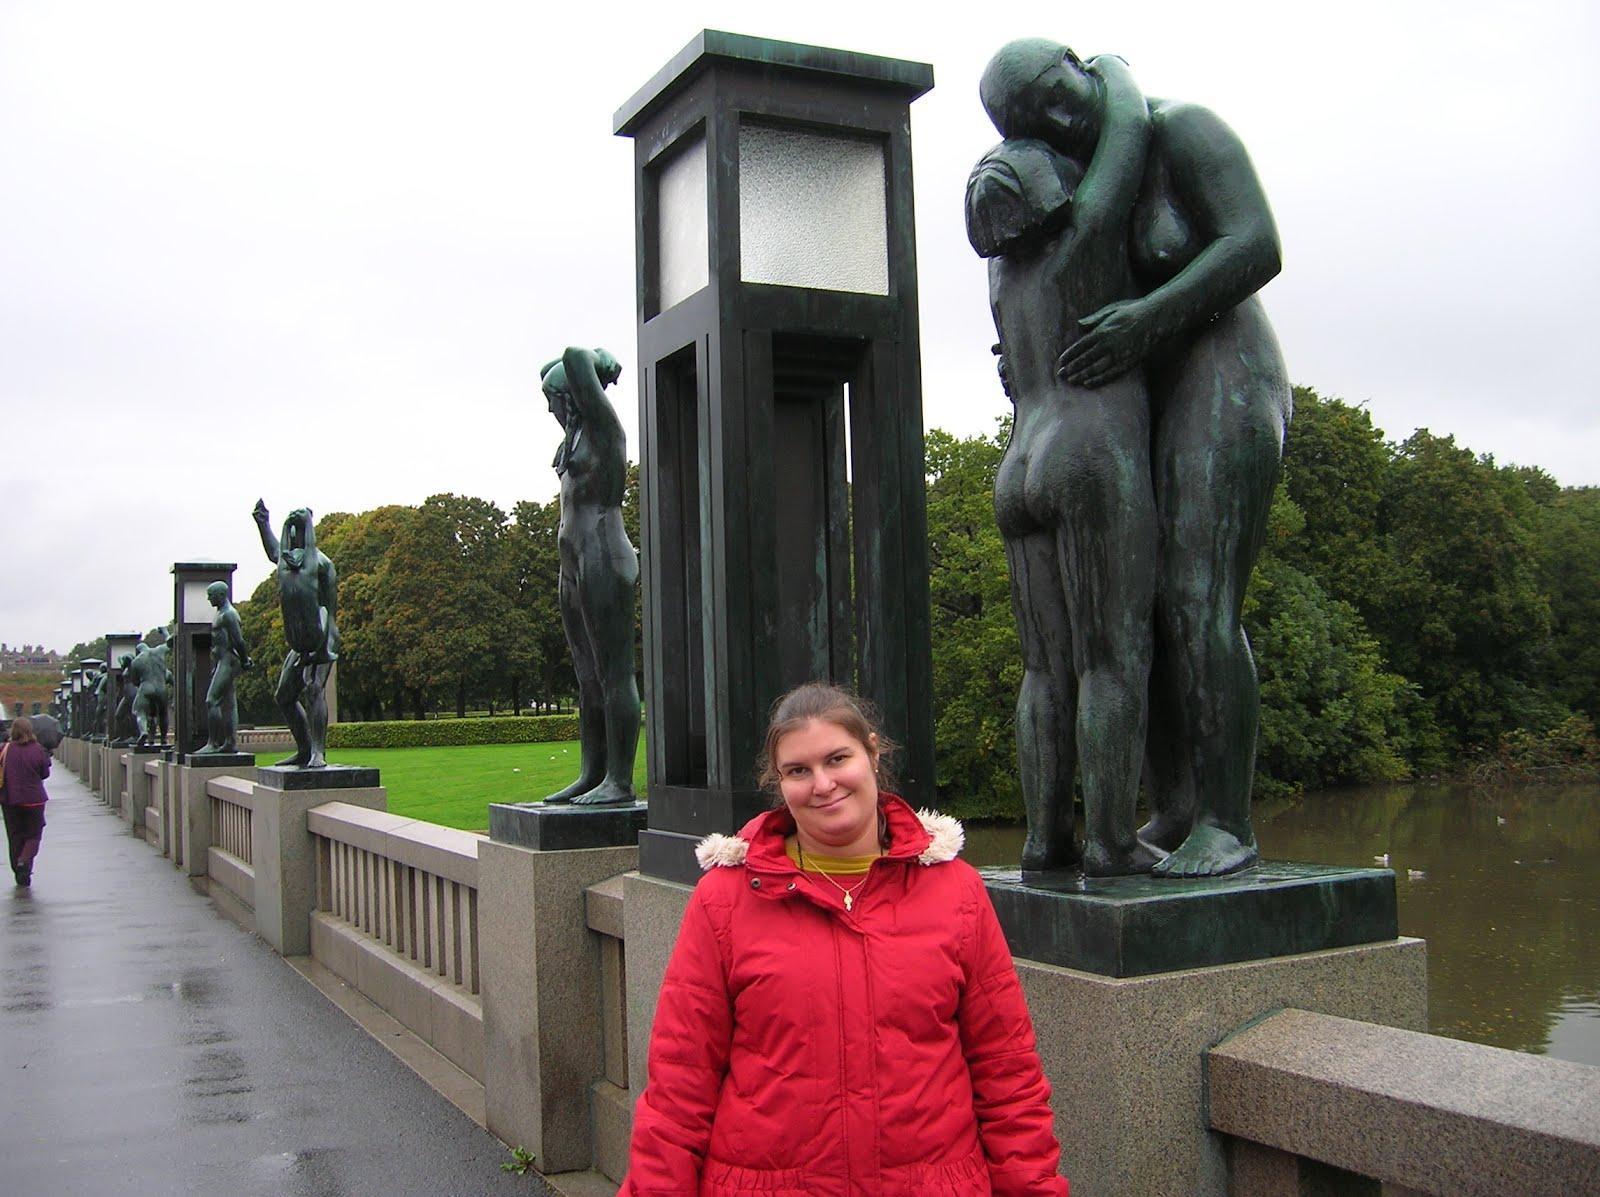 Parque de Vigeland, oslo, noruega, vuelta al mundo, round the world, información viajes, consejos, fotos, guía, diario, excursiones